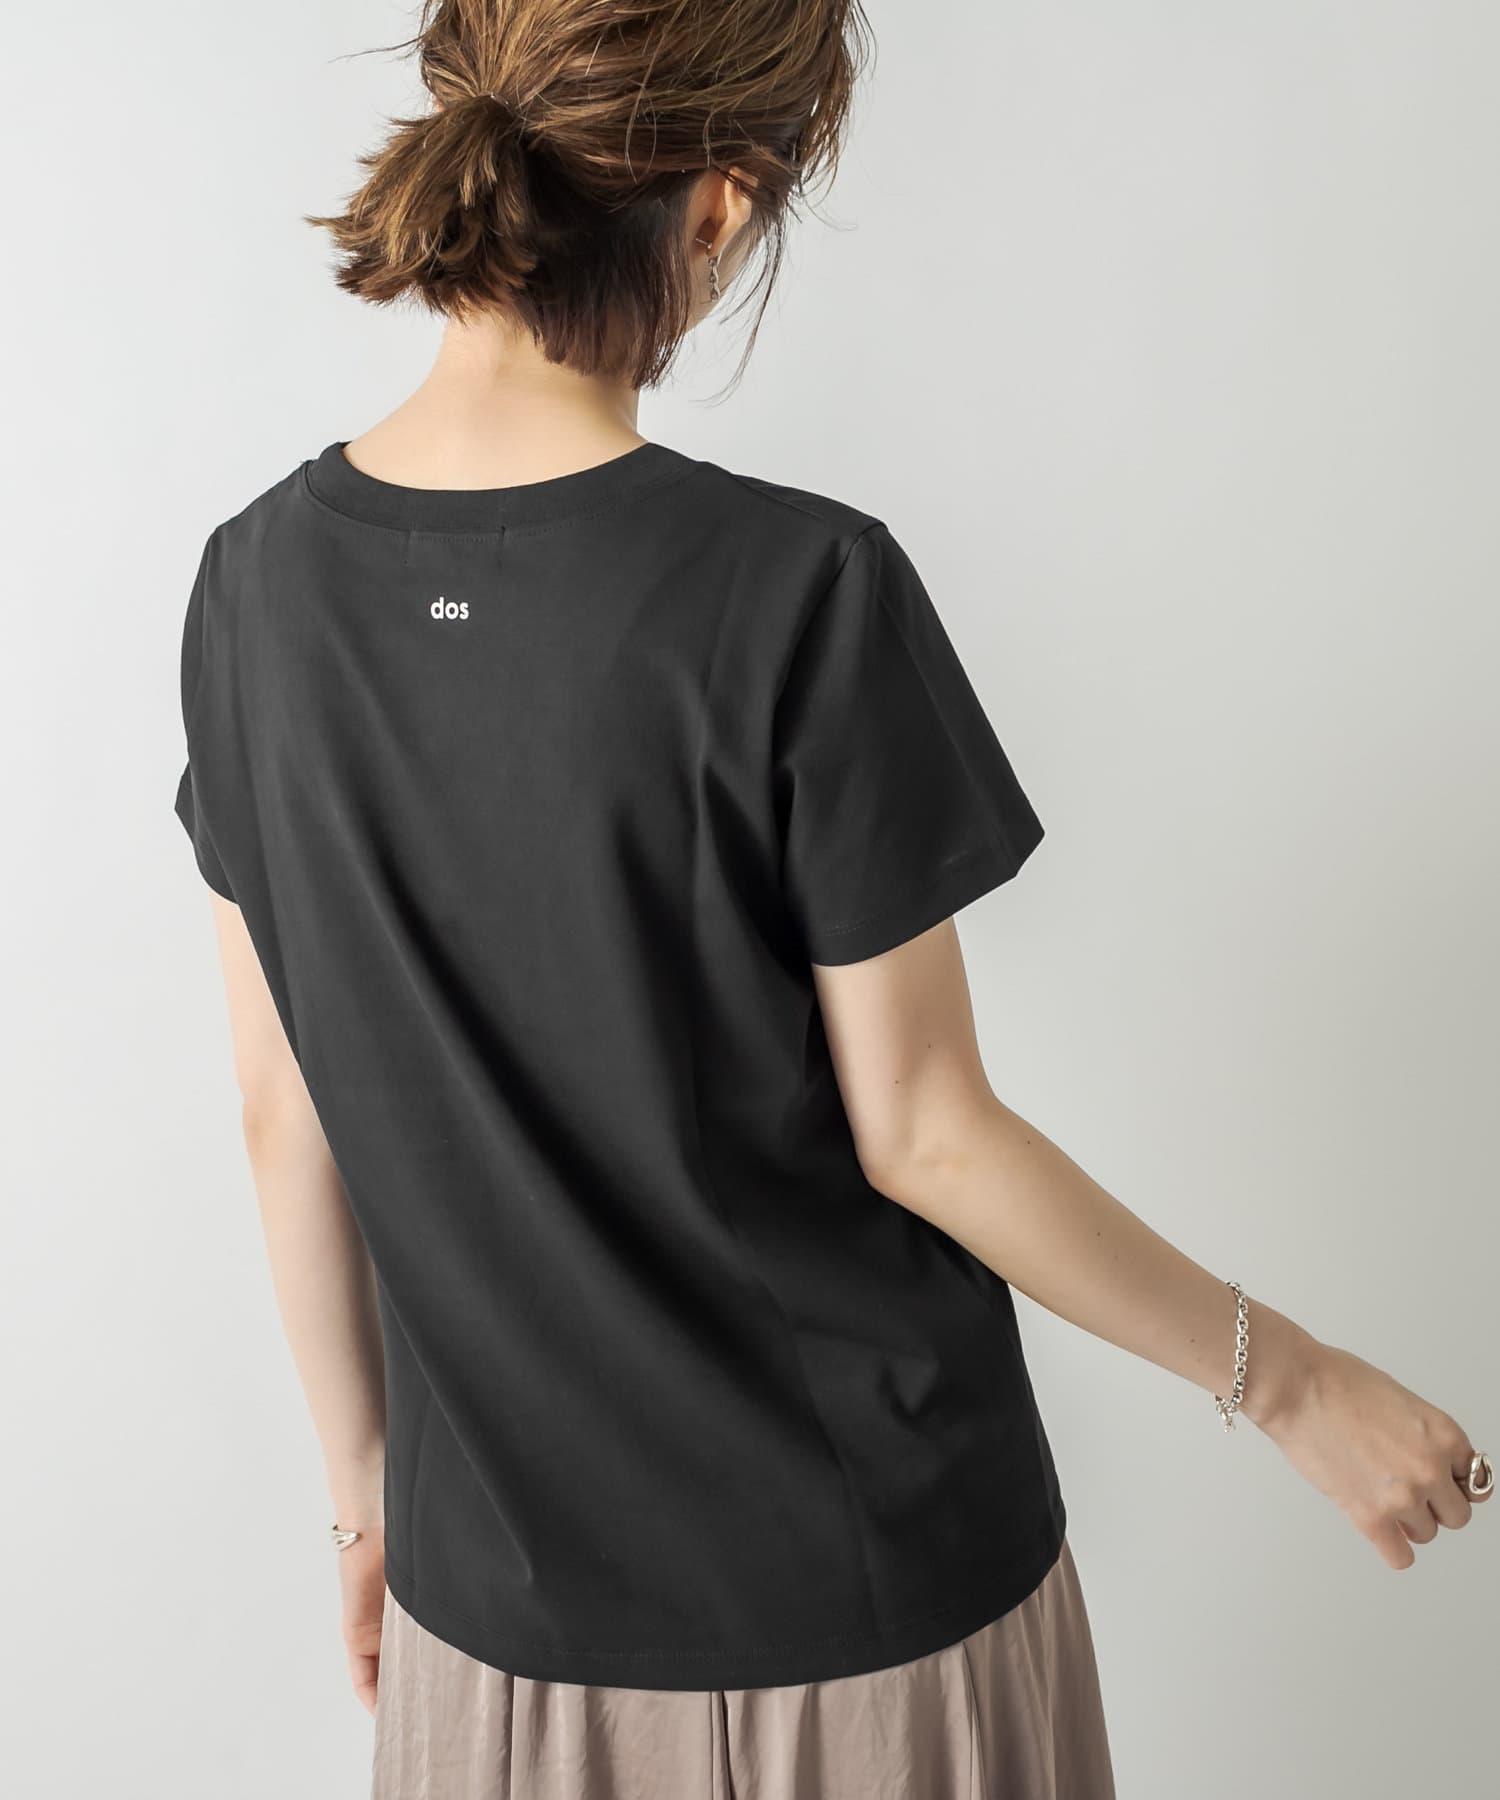 RIVE DROITE(リヴドロワ) レディース 【着こなしに新鮮さをプラス】devantロゴTシャツ ブラック